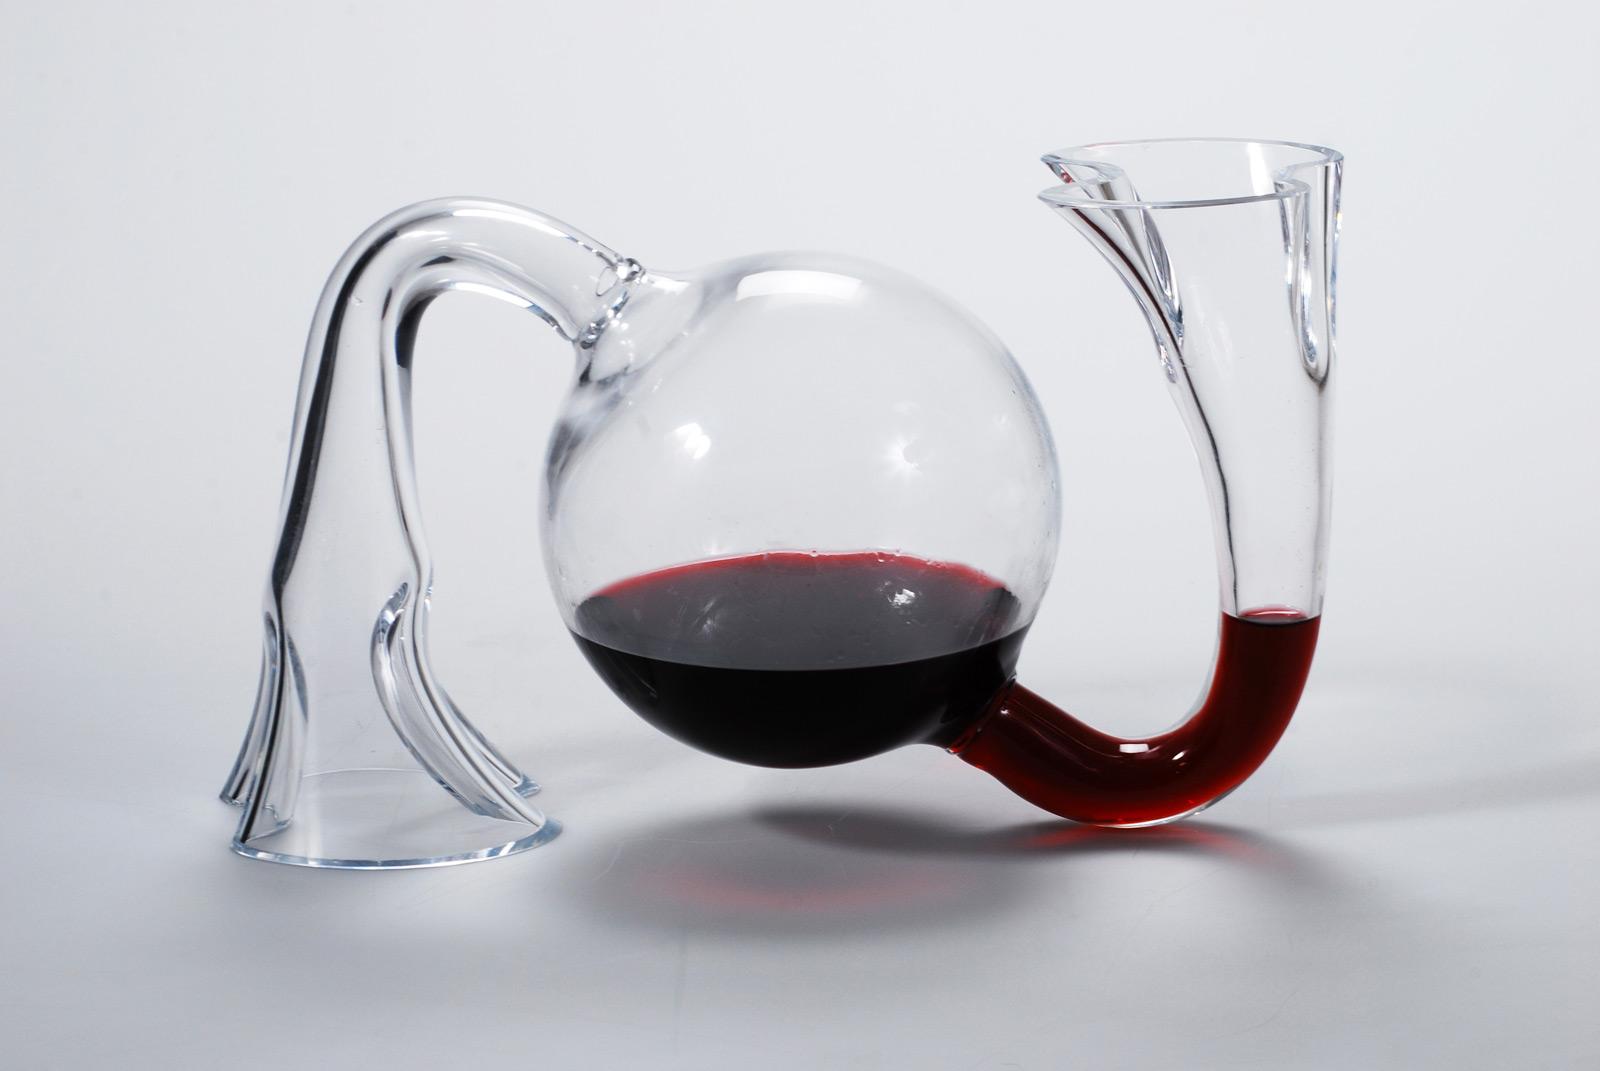 Achat vin : est-il possible de fabriquer du vin soi-même ?